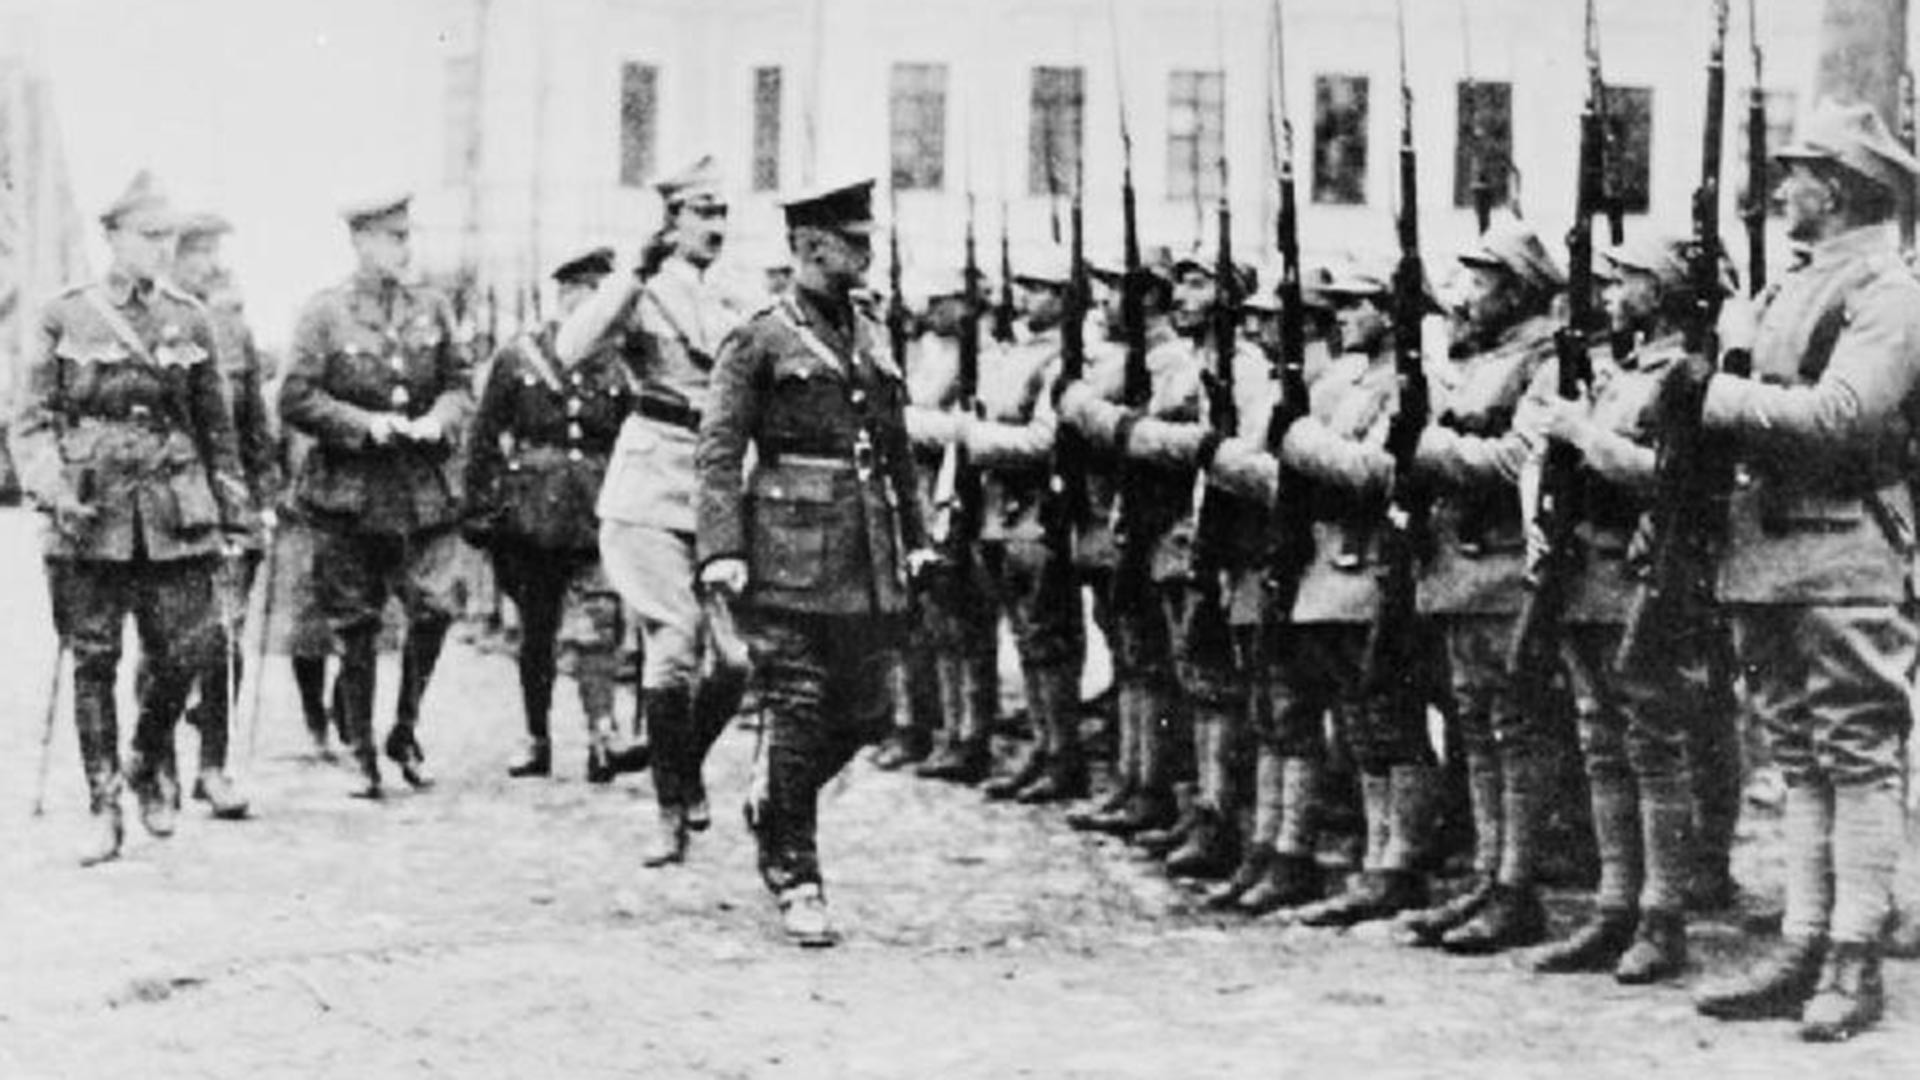 Officiers polonais, britanniques et français inspectant un détachement de troupes polonaises du bataillon dit de Mourmansk avant leur départ pour le front. Arkhangelsk, 1919